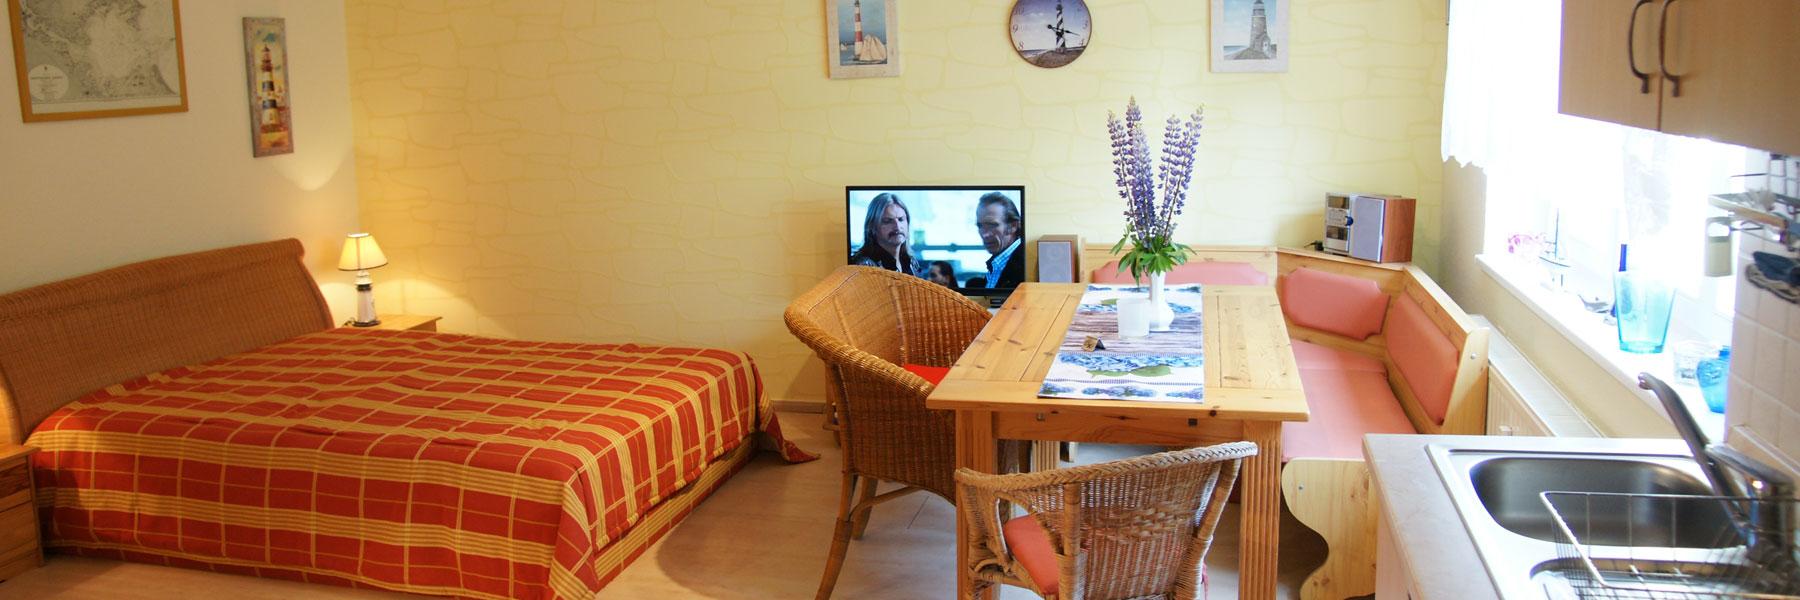 Wohnraum - Ferienwohnung Lubmin